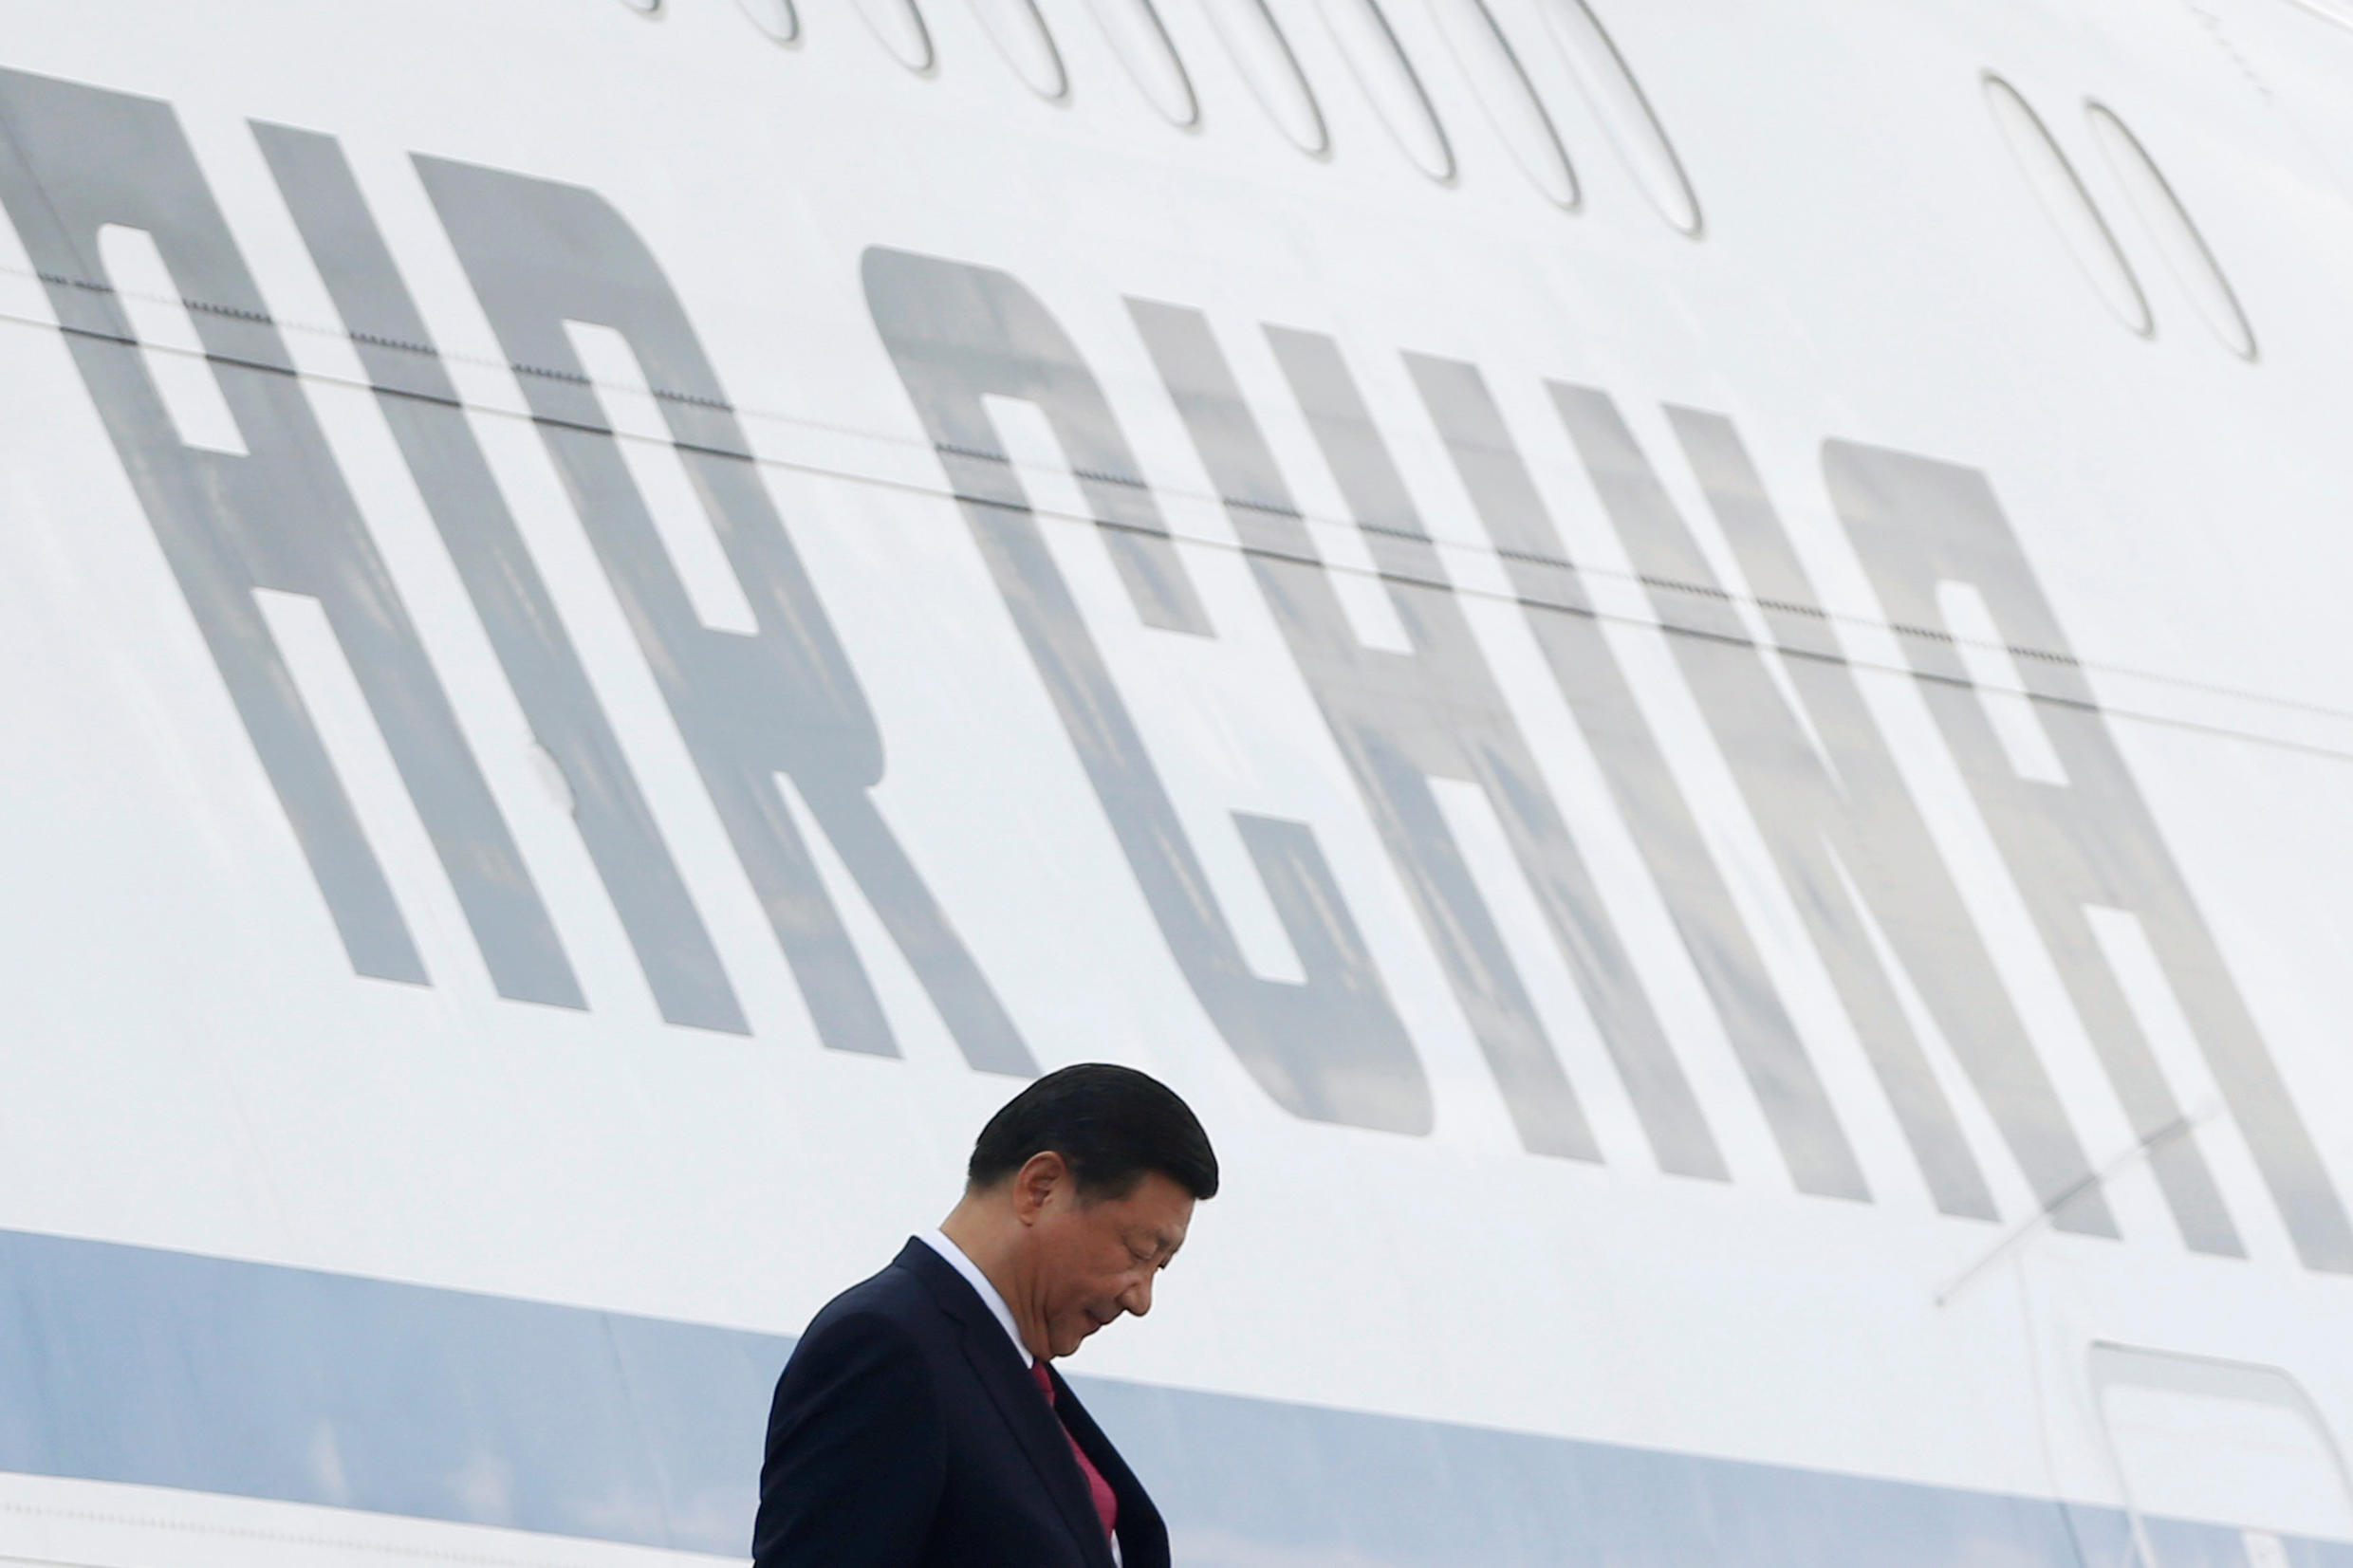 Le président chinois Xi Jinping arrive à Danang, le 10 novembre 2017.